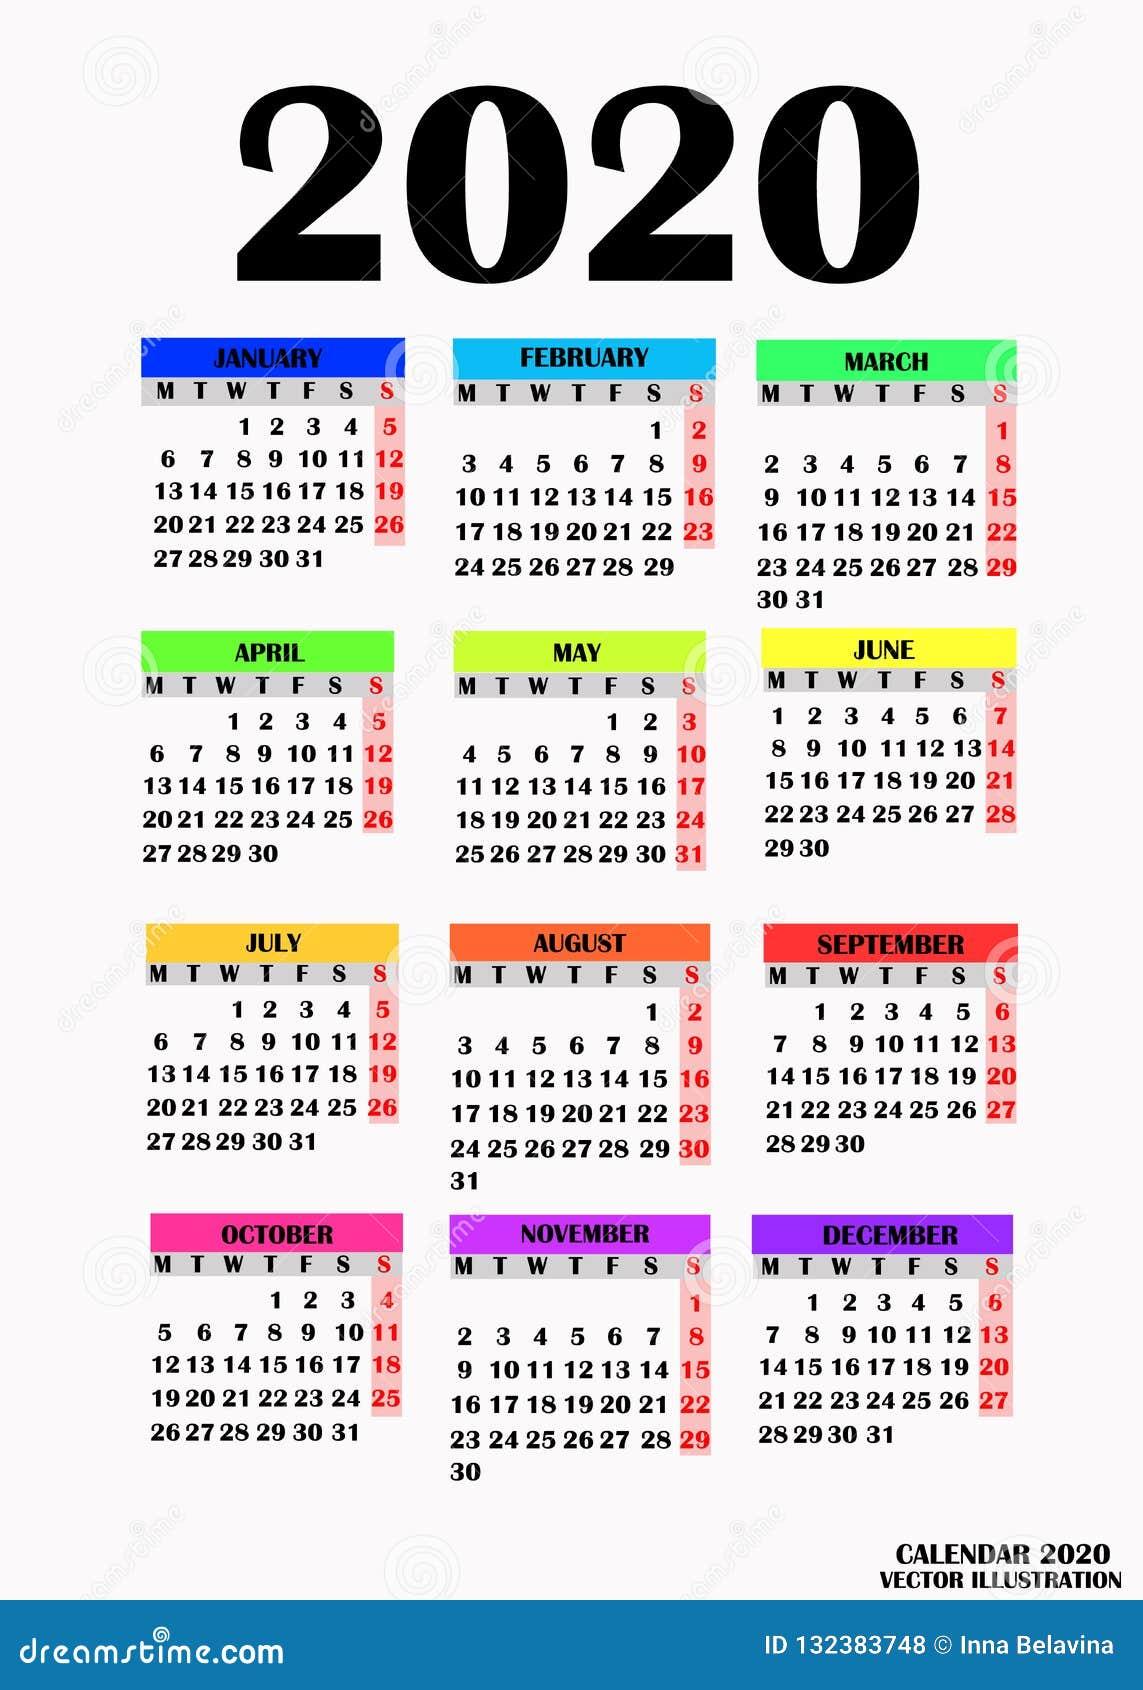 Calendario Rosa 2020.Simple Design For Calendar 2020 Stock Vector Illustration